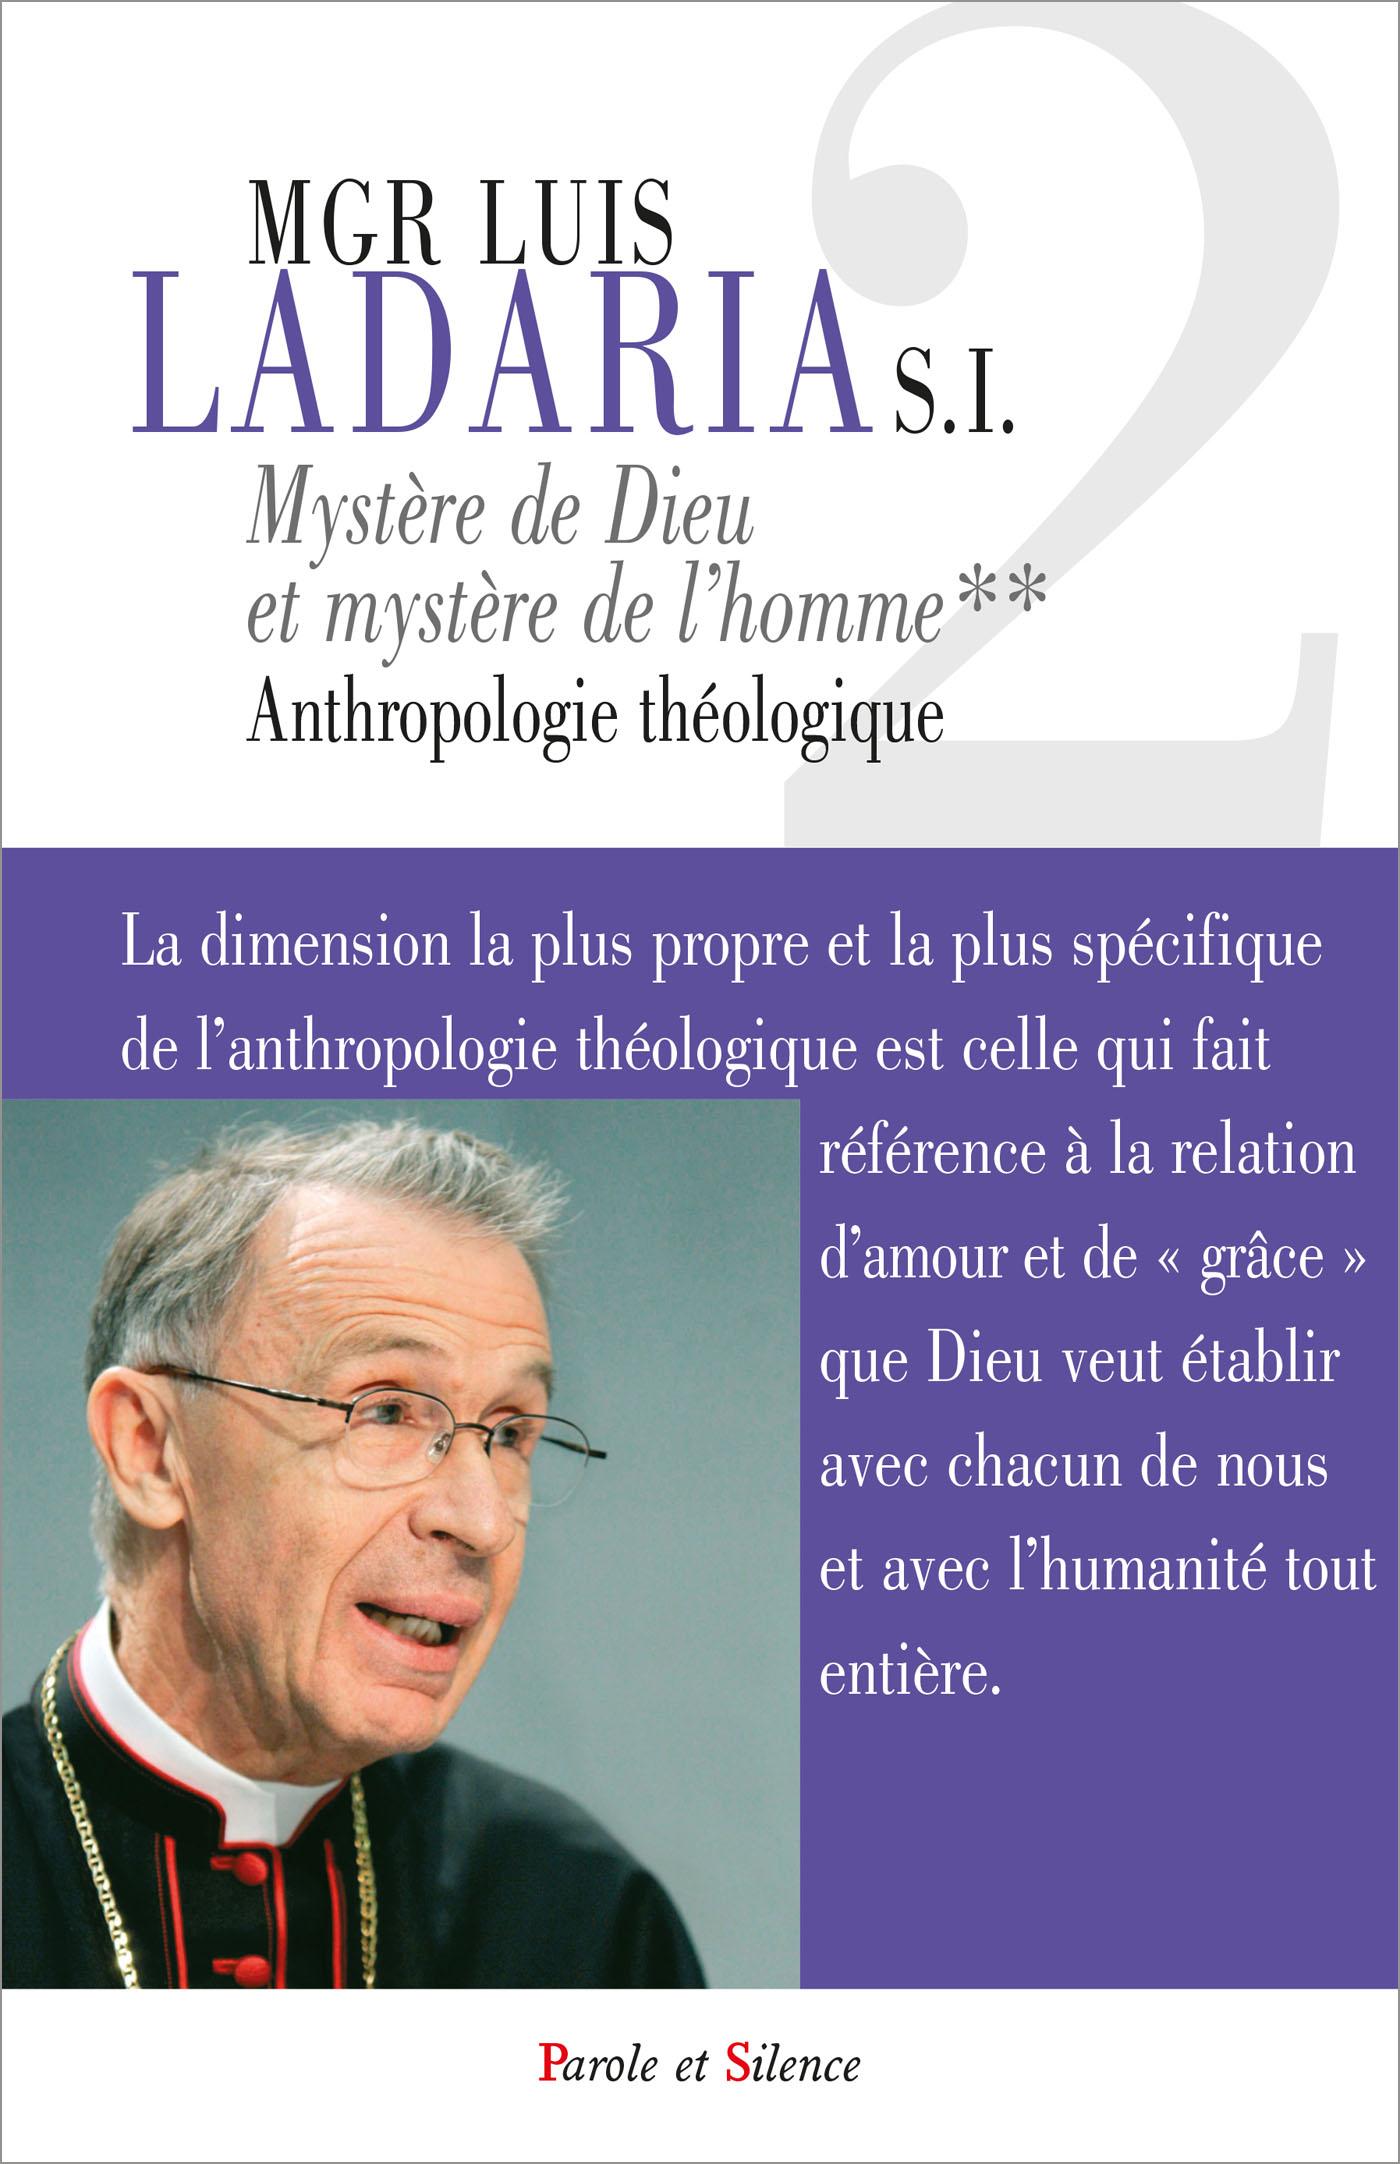 Mystère de Dieu, mystère de l'homme - Anthropologie théologique